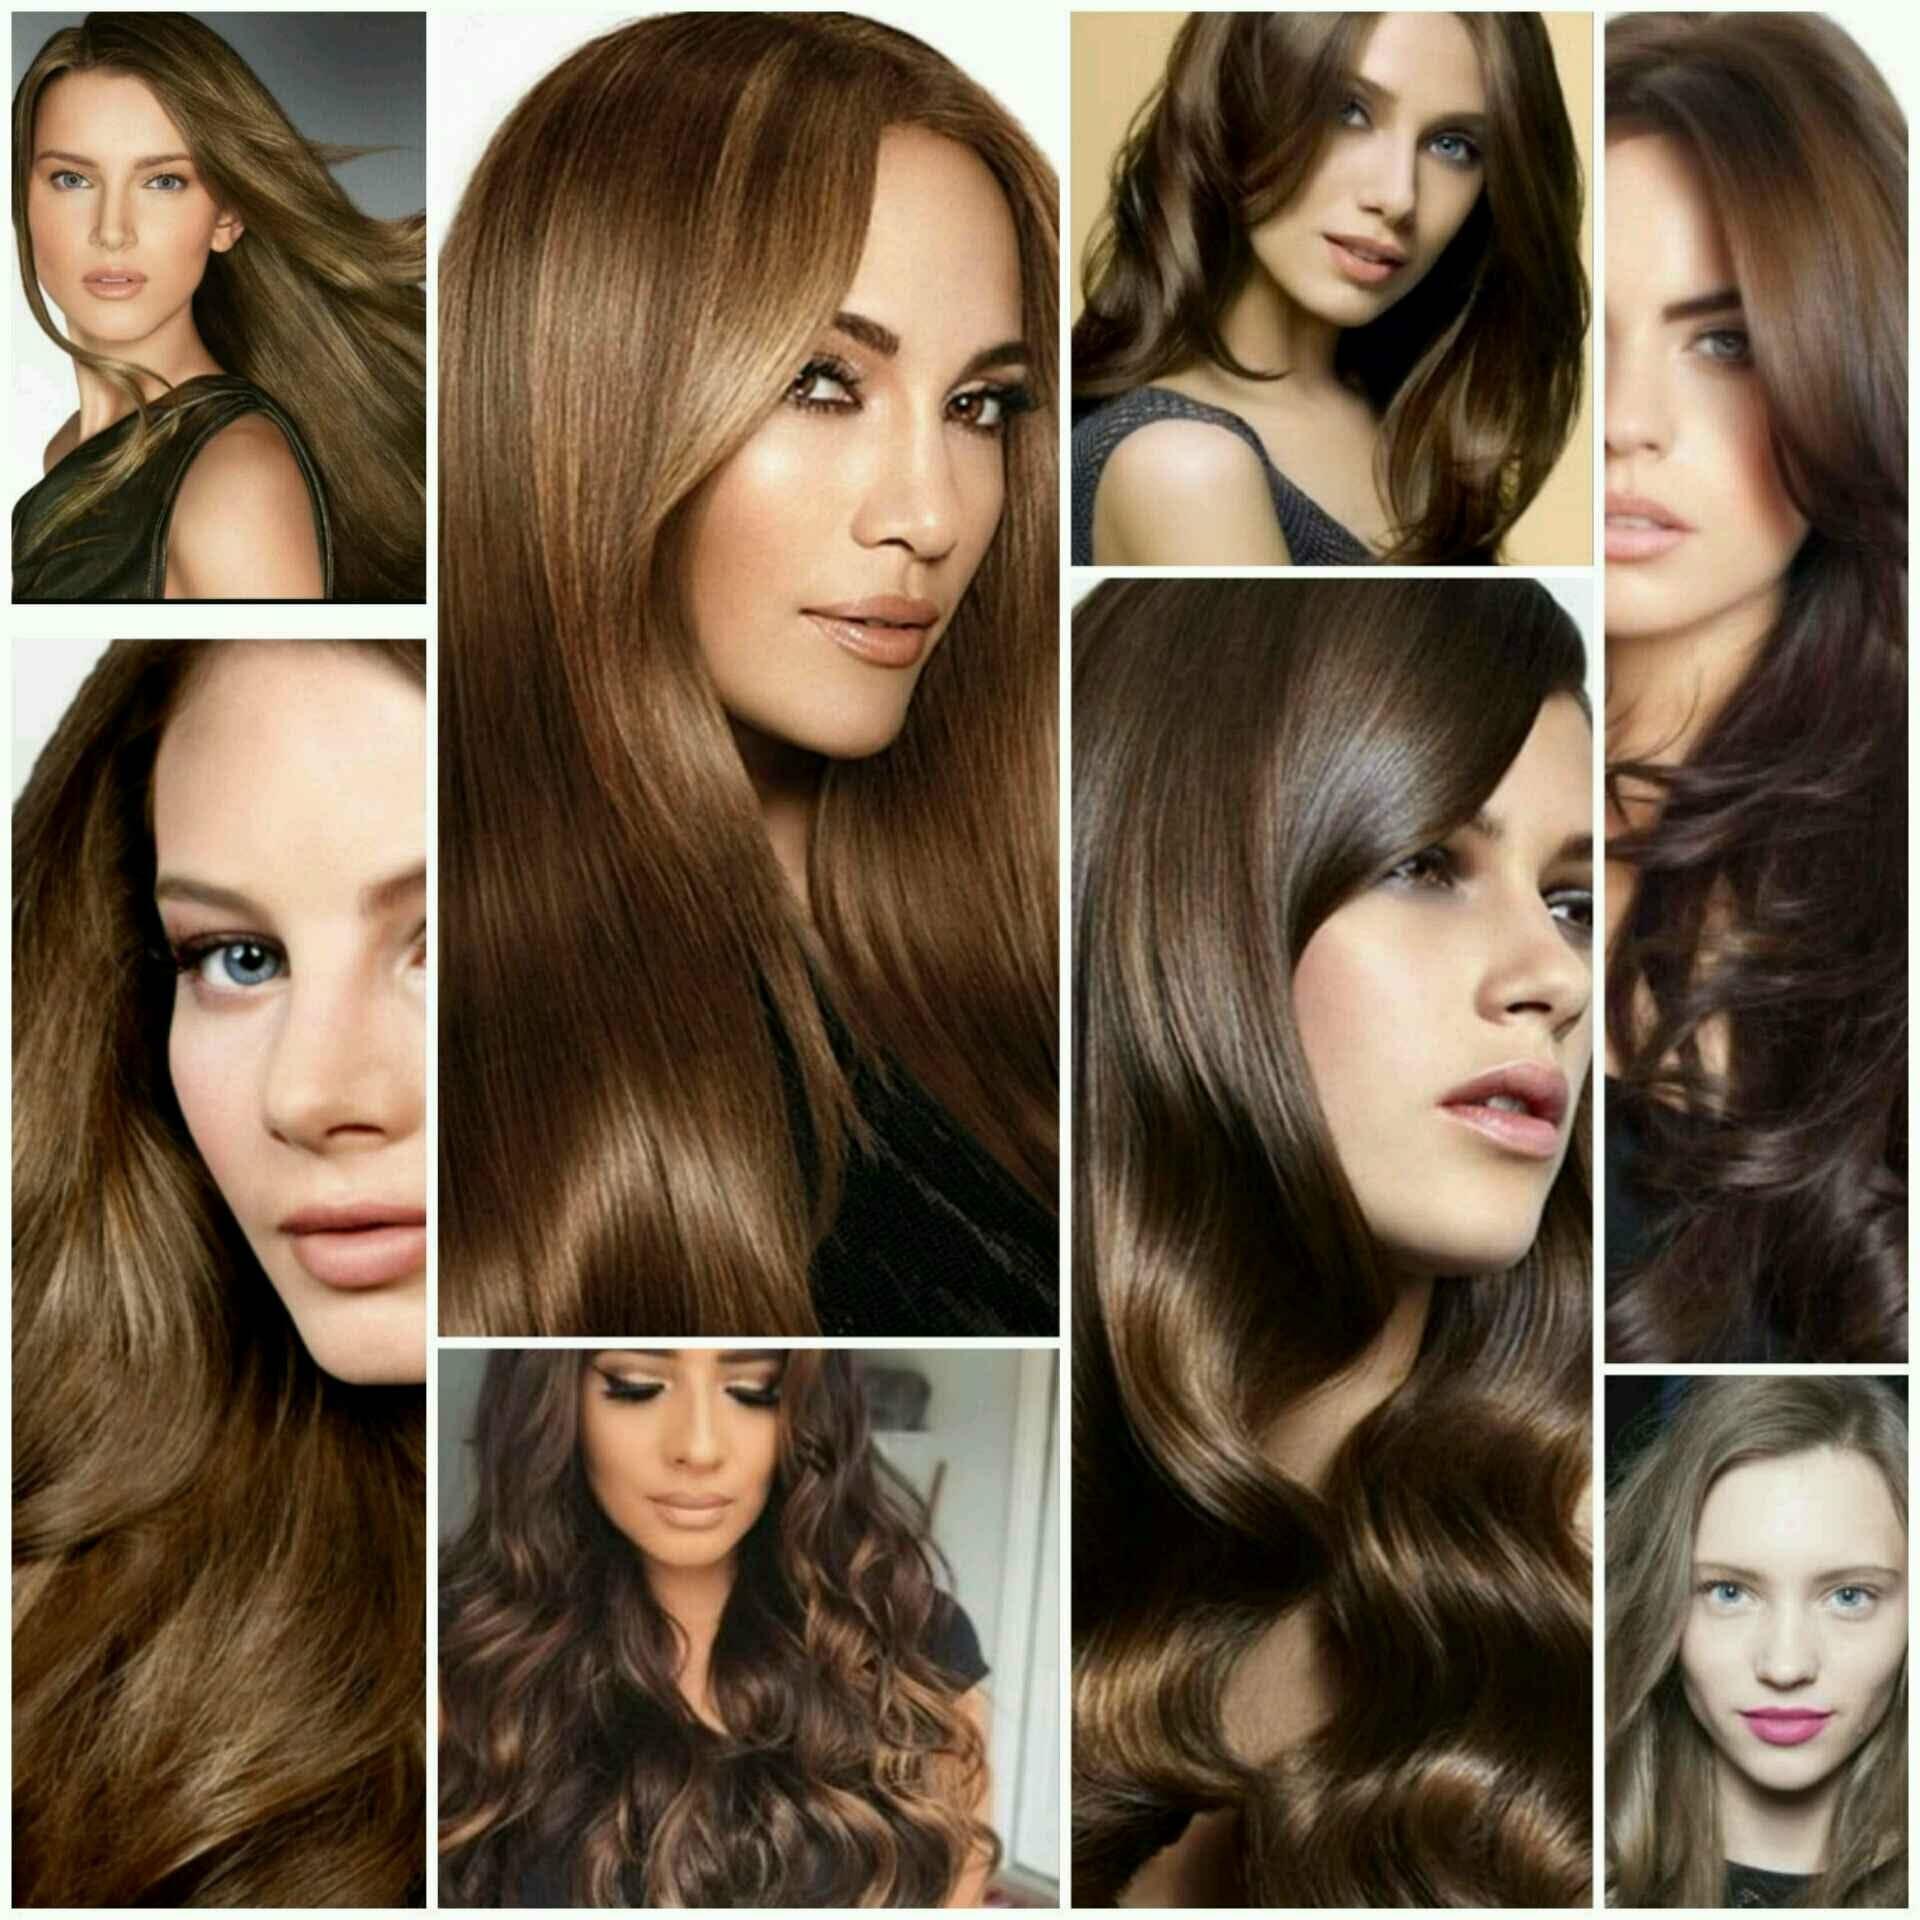 طرق إختيار ألوان الشعر التى تناسب البشرة والعيون منوعة